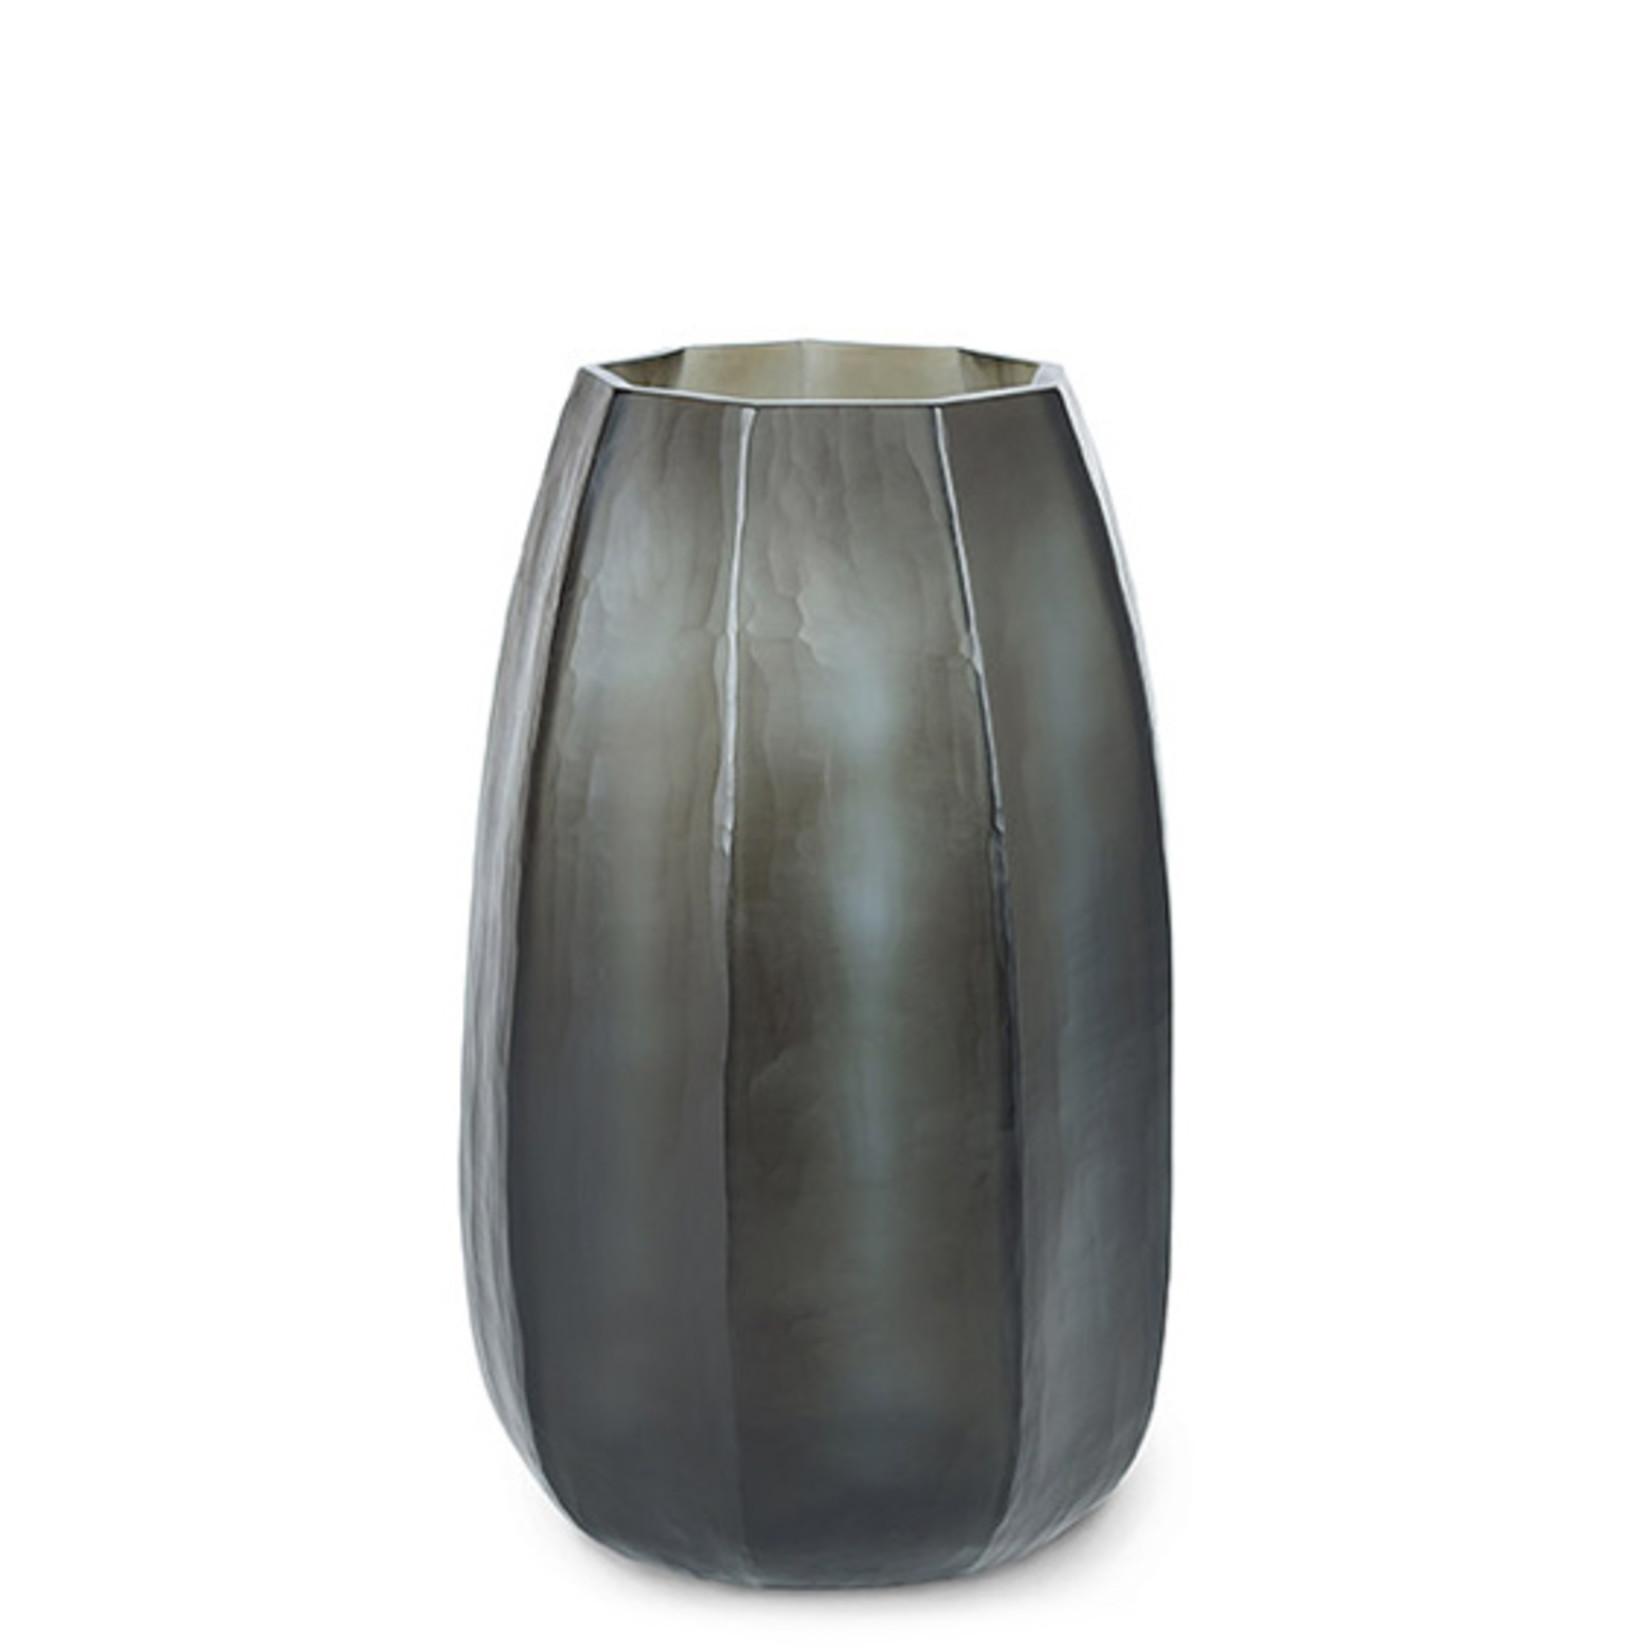 Guaxs Vase Koonam XL | Indigo / Smoke Gray